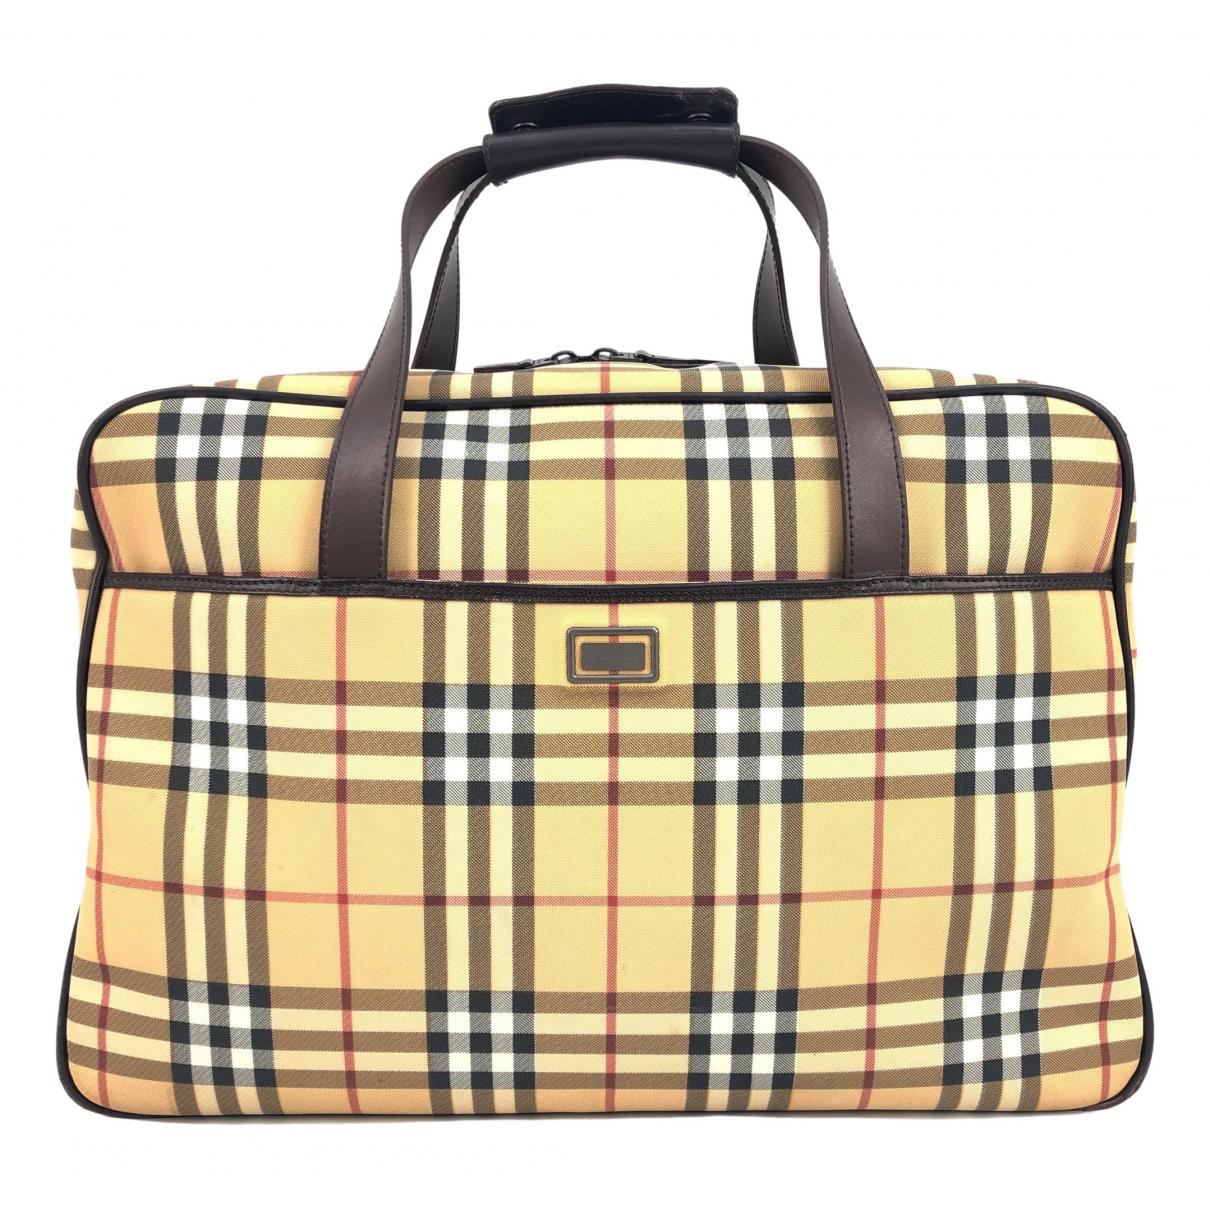 Burberry \N Taschen in  Beige Leinen